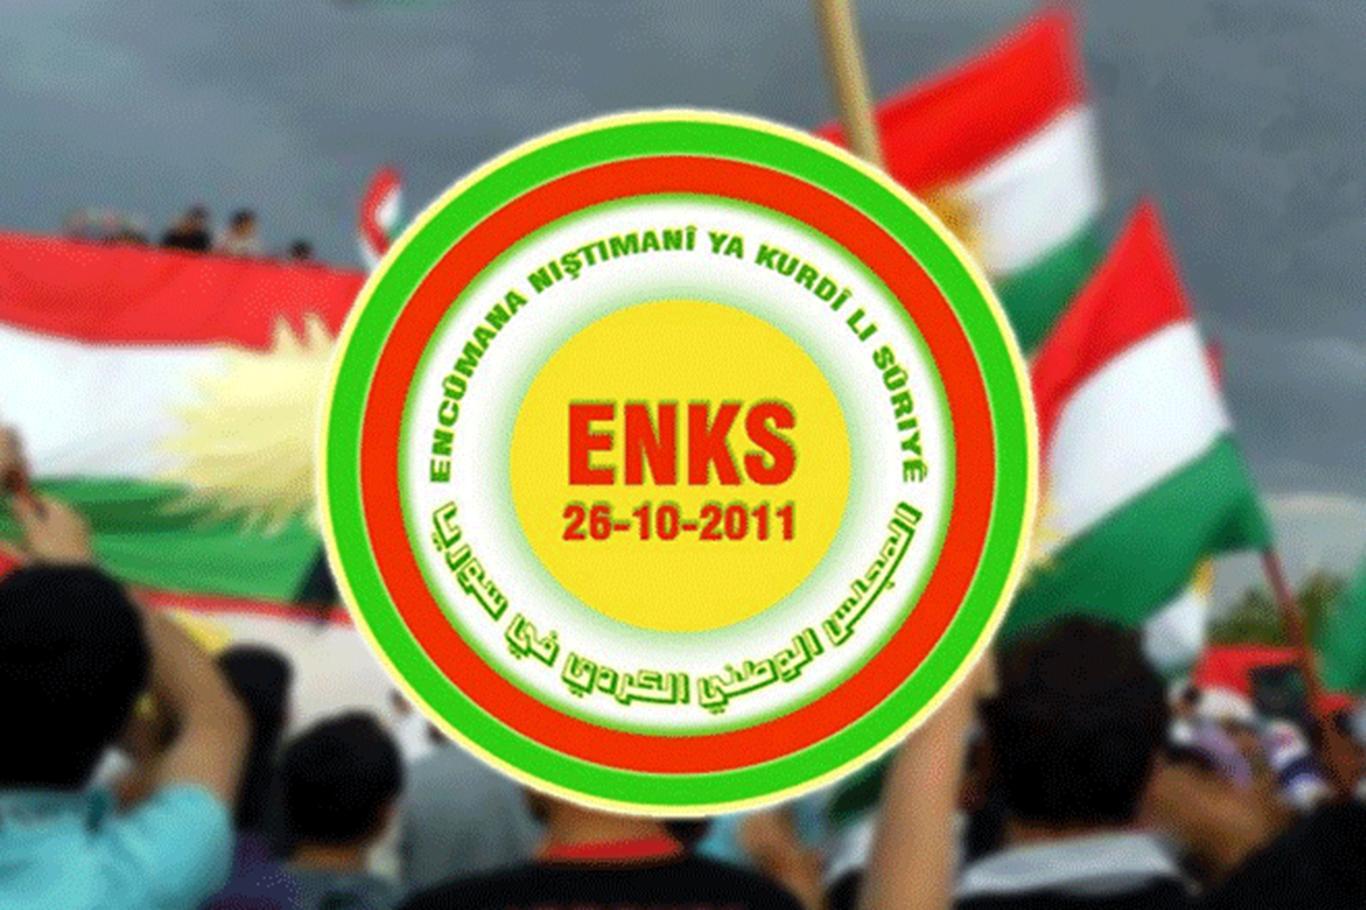 ENKS Başkanı Mela: TEVDEM'le ofislerimize yapılan saldırılandan ötürü görüşmeleri durdurduk